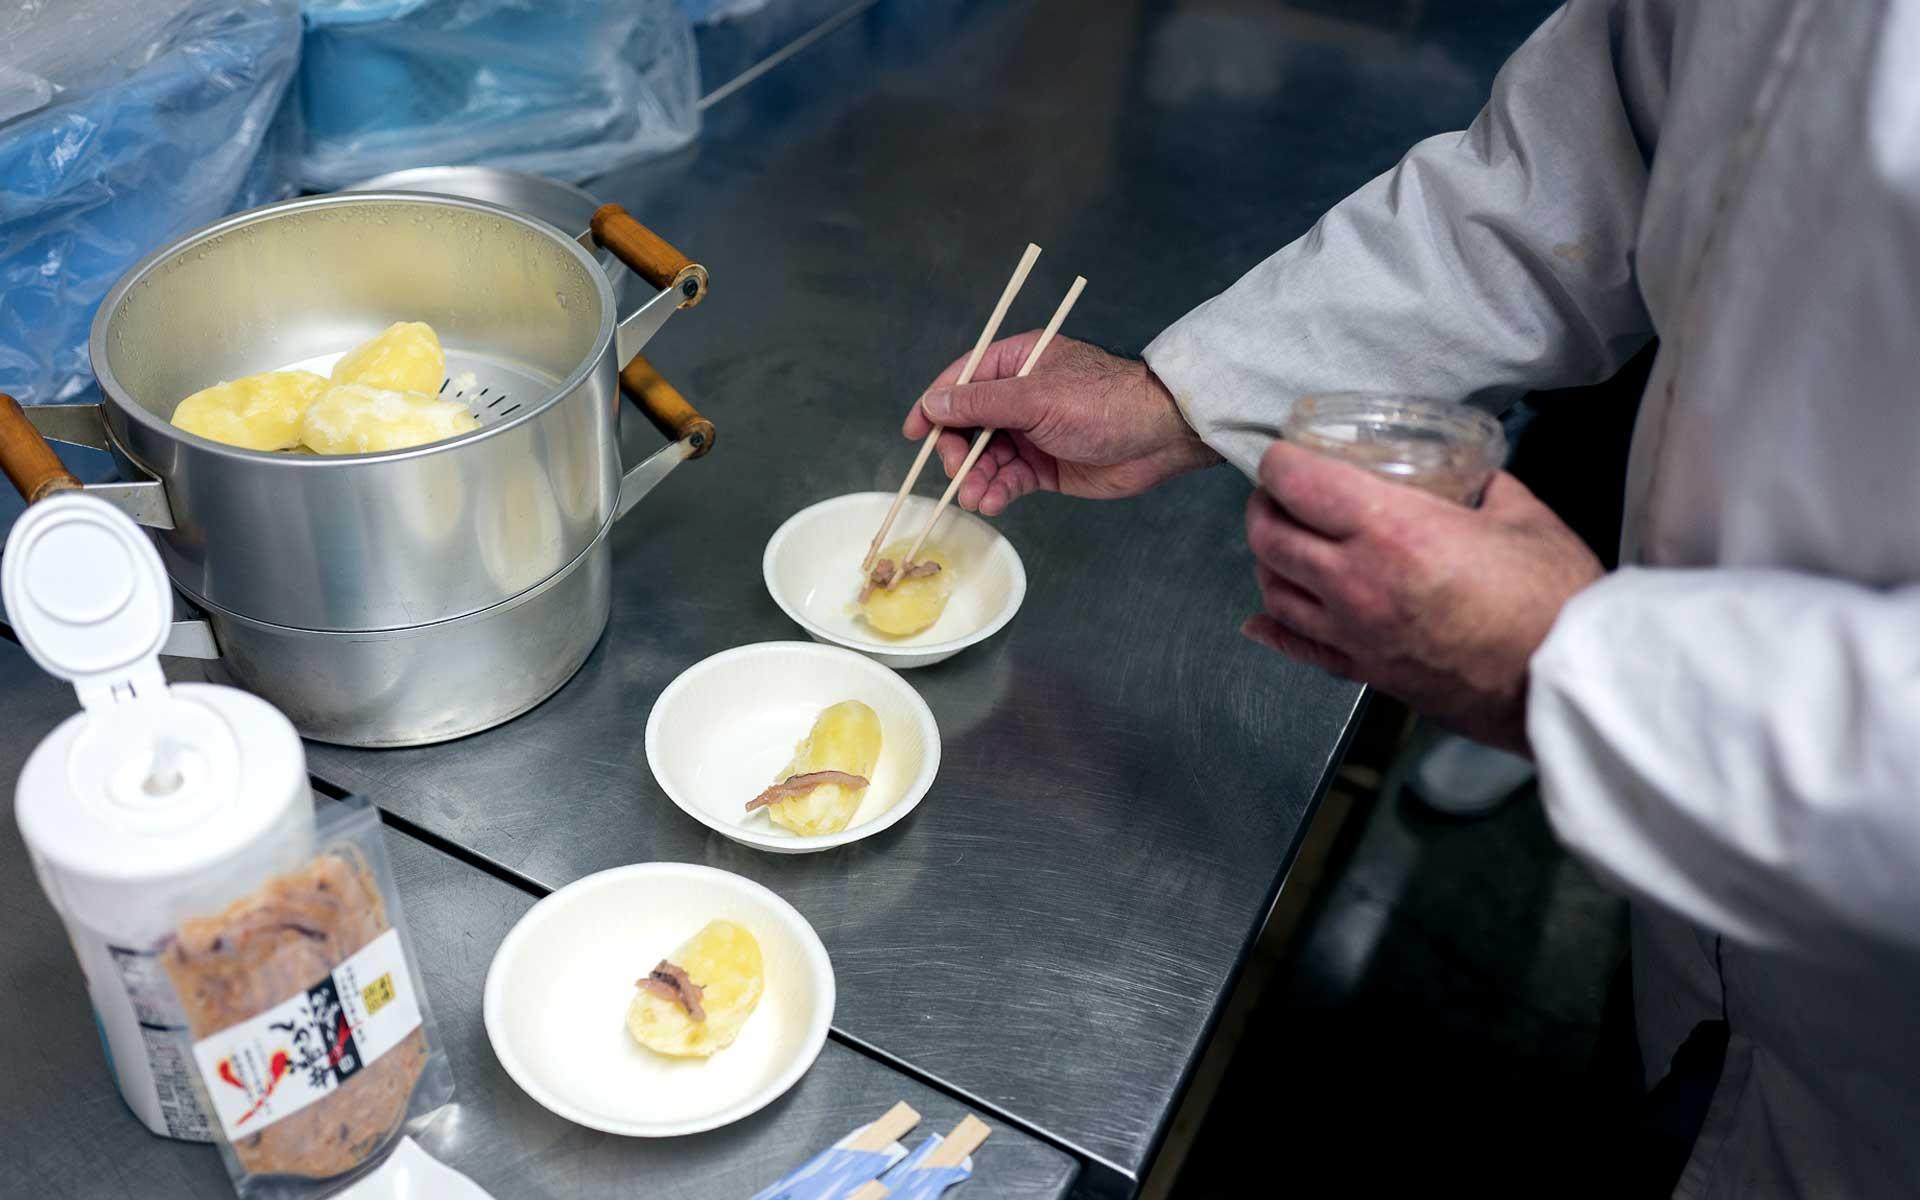 北海道のじゃがいもと、小田島水産食品の塩辛の組み合わせは絶品でした